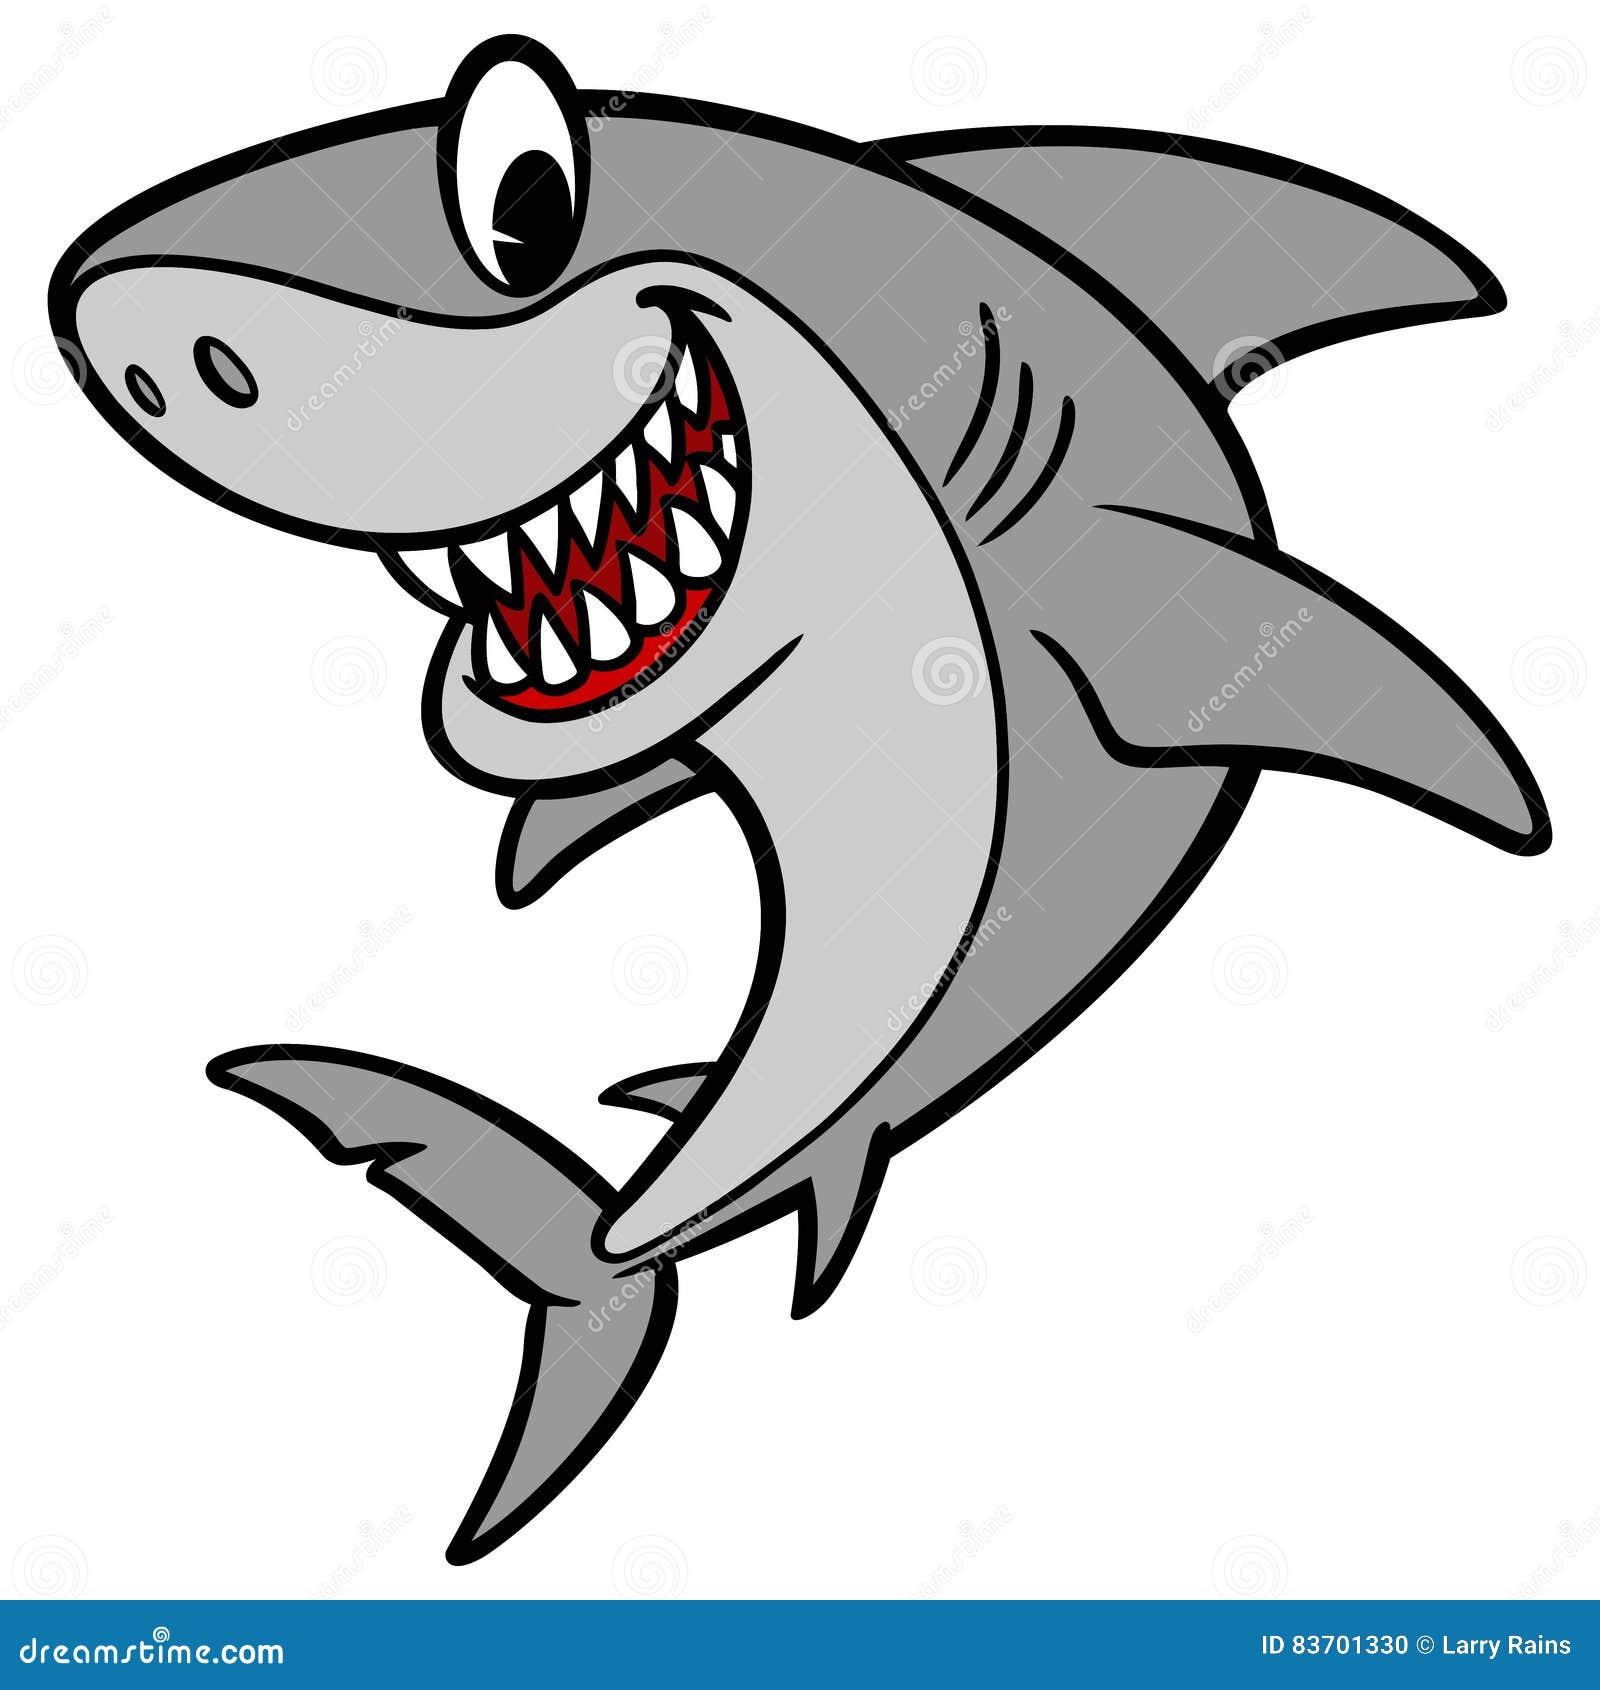 Shark Cartoon Illustration Stock Vector